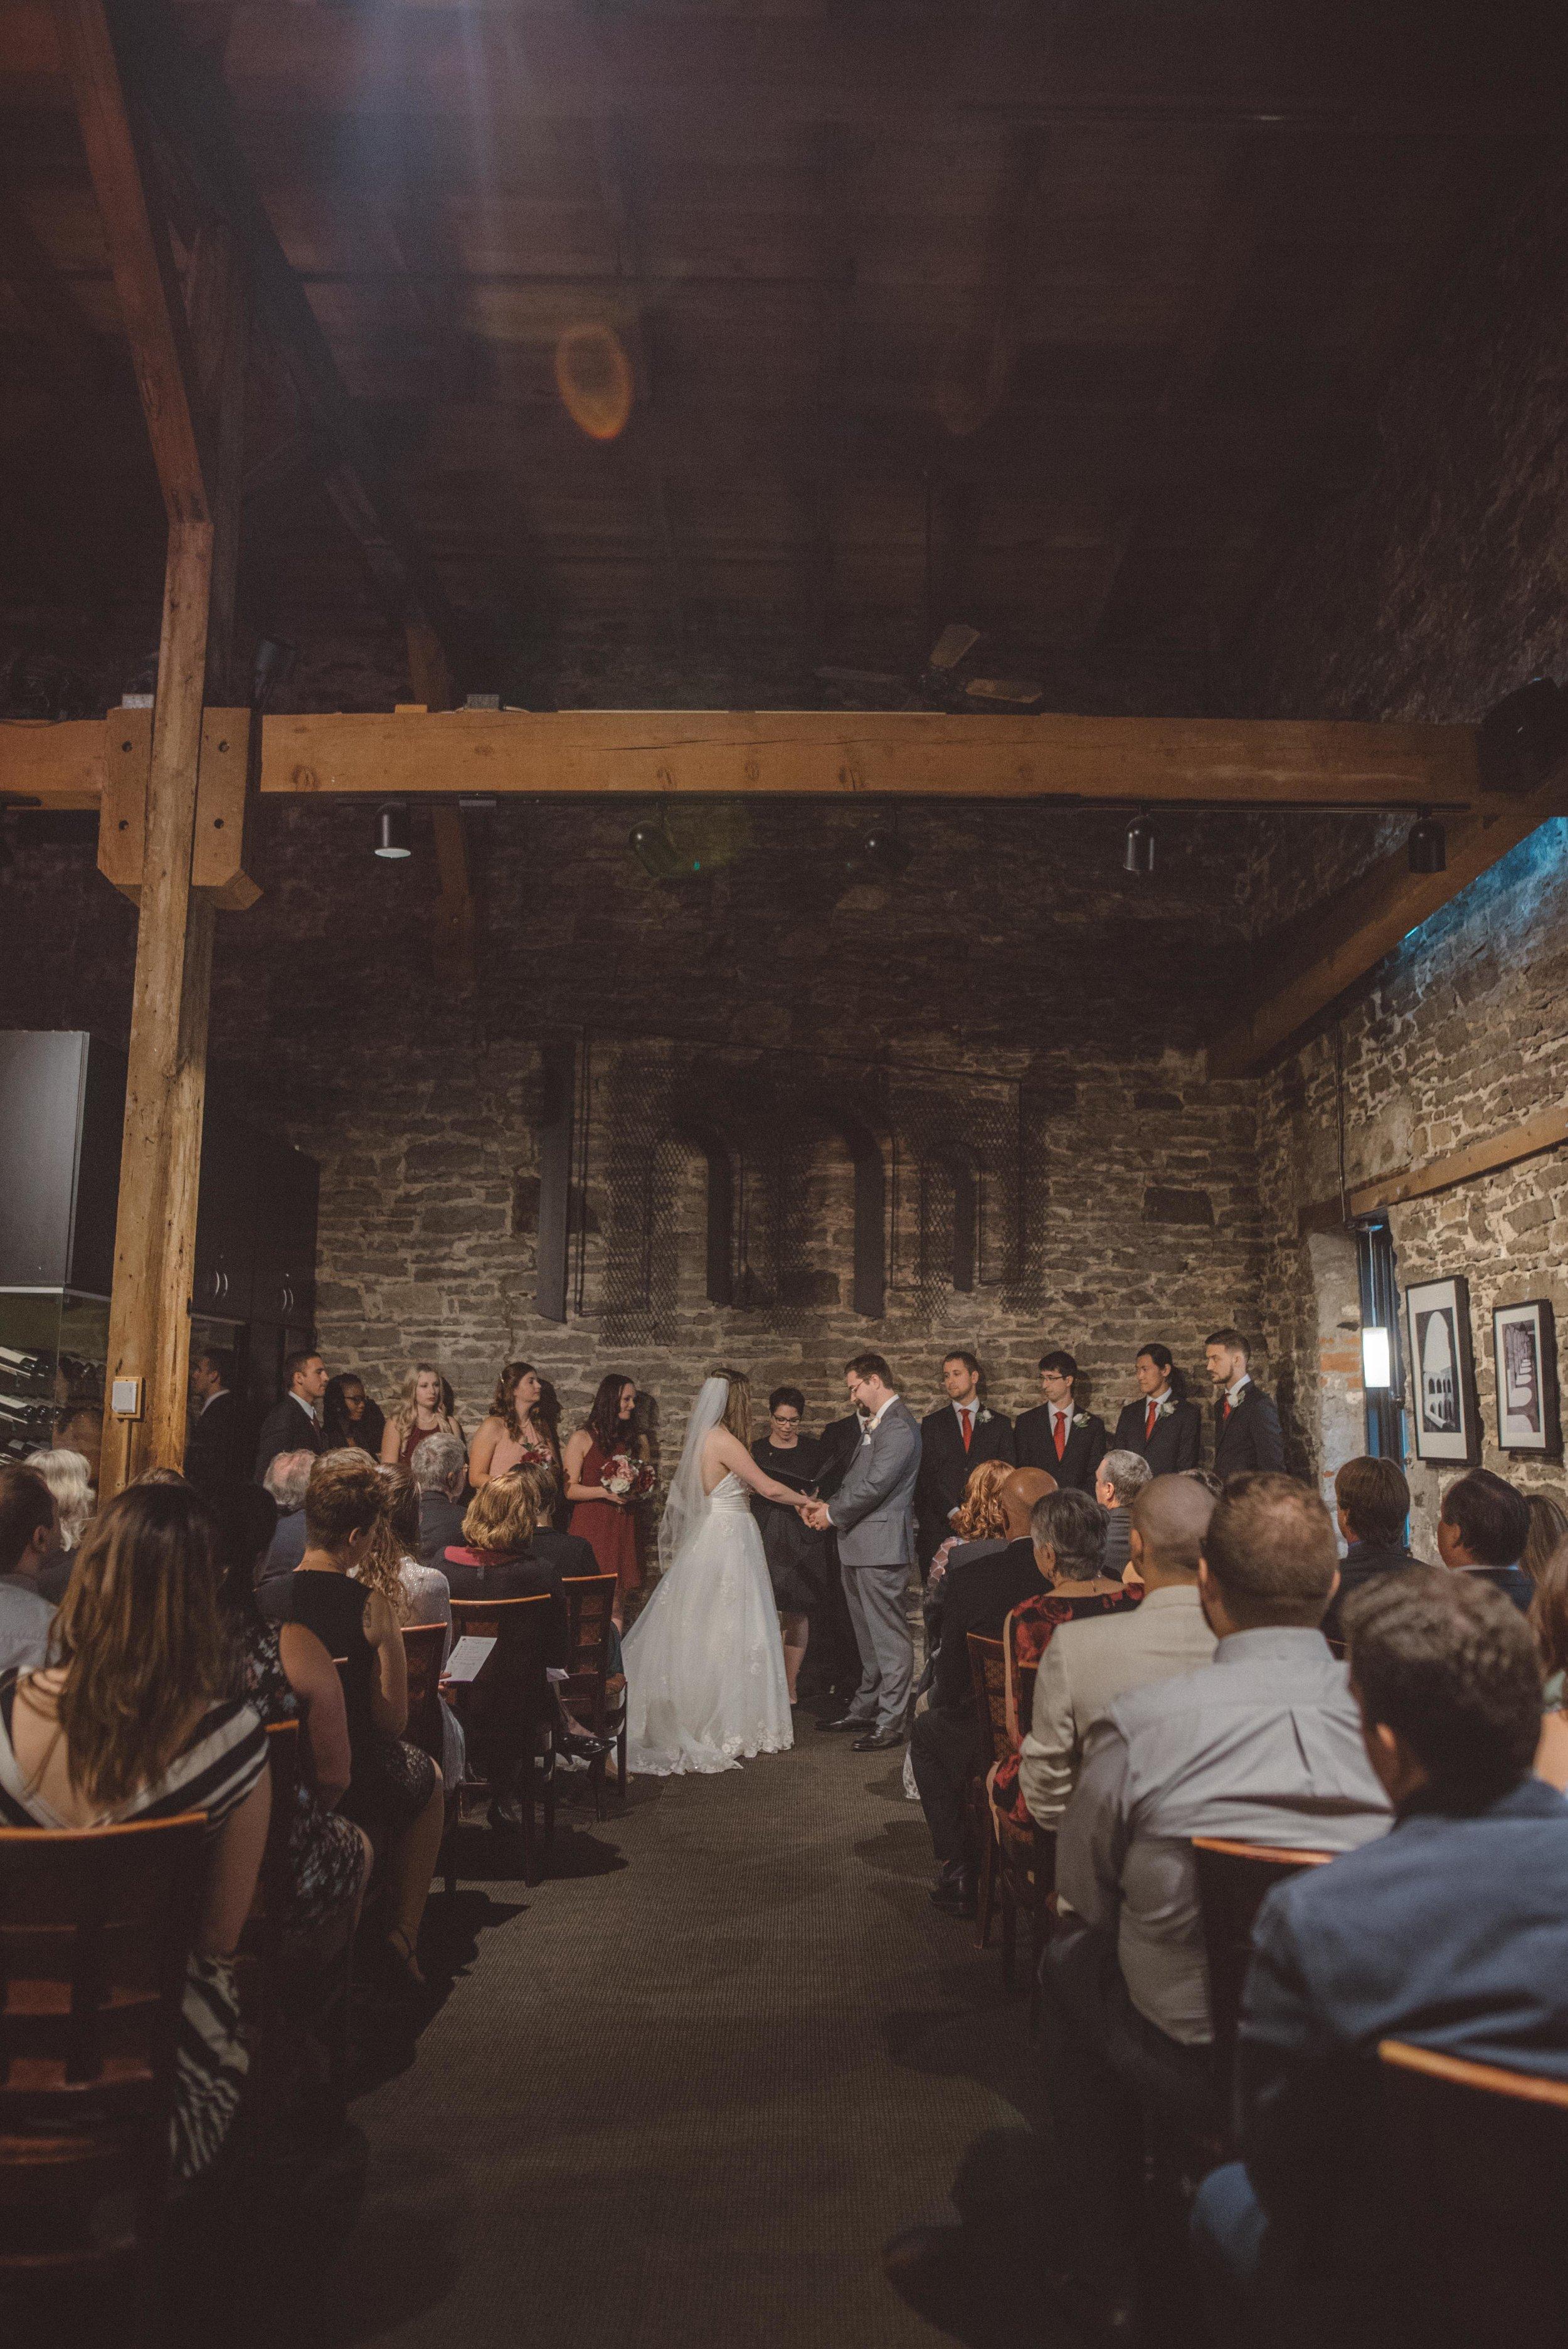 wedding_photographer_lifestyle_documentary_photographe_ottawa_gatineau-34.jpg